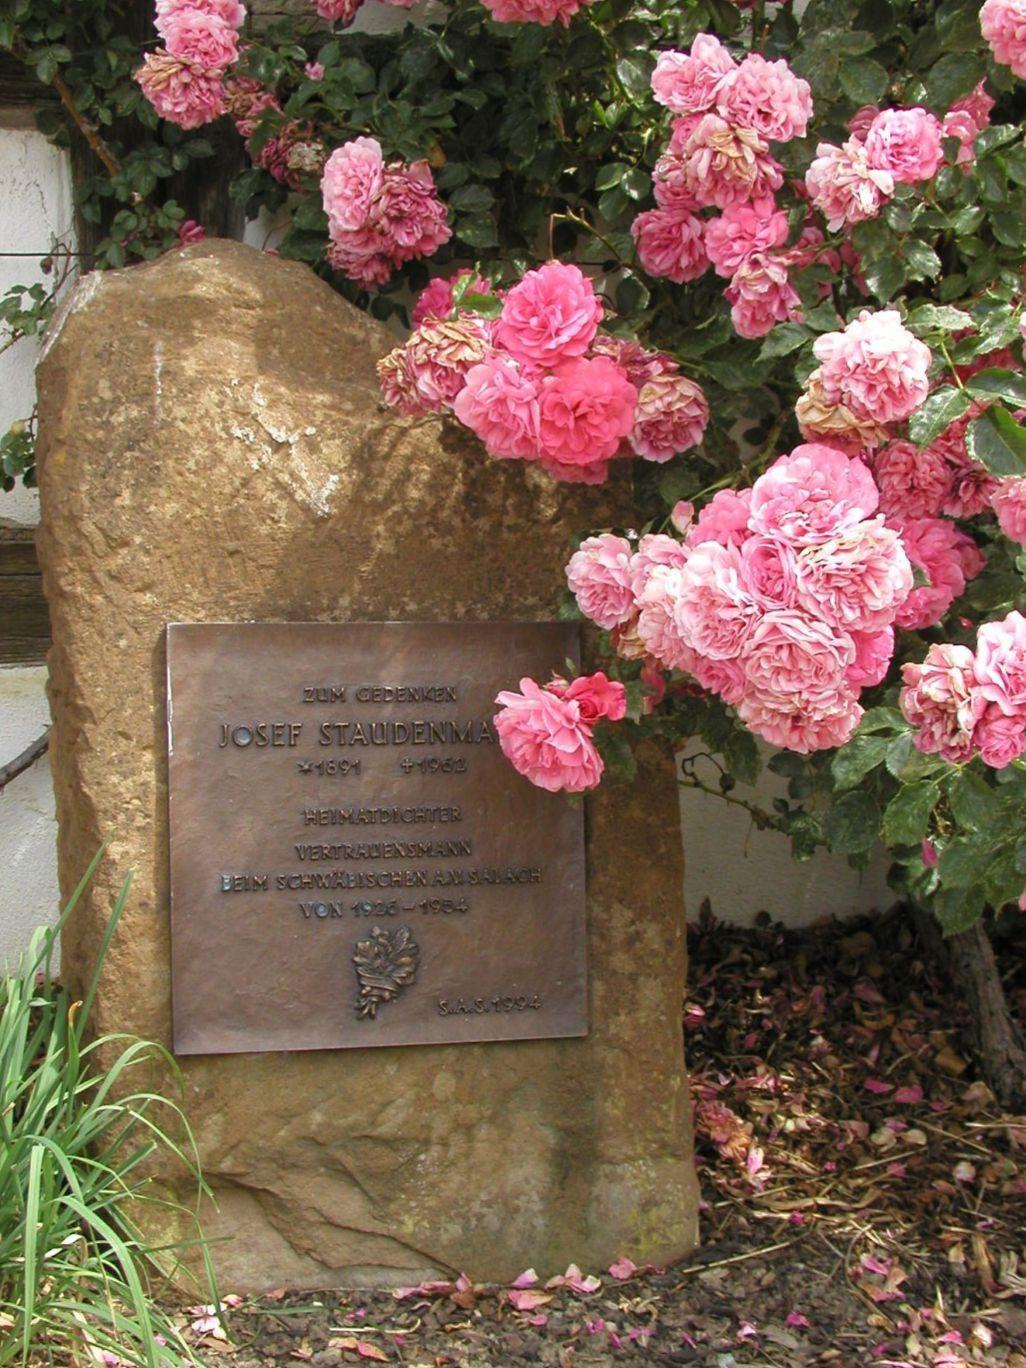 Gedenktafel für Josef Staudenmaier in Bärenbach